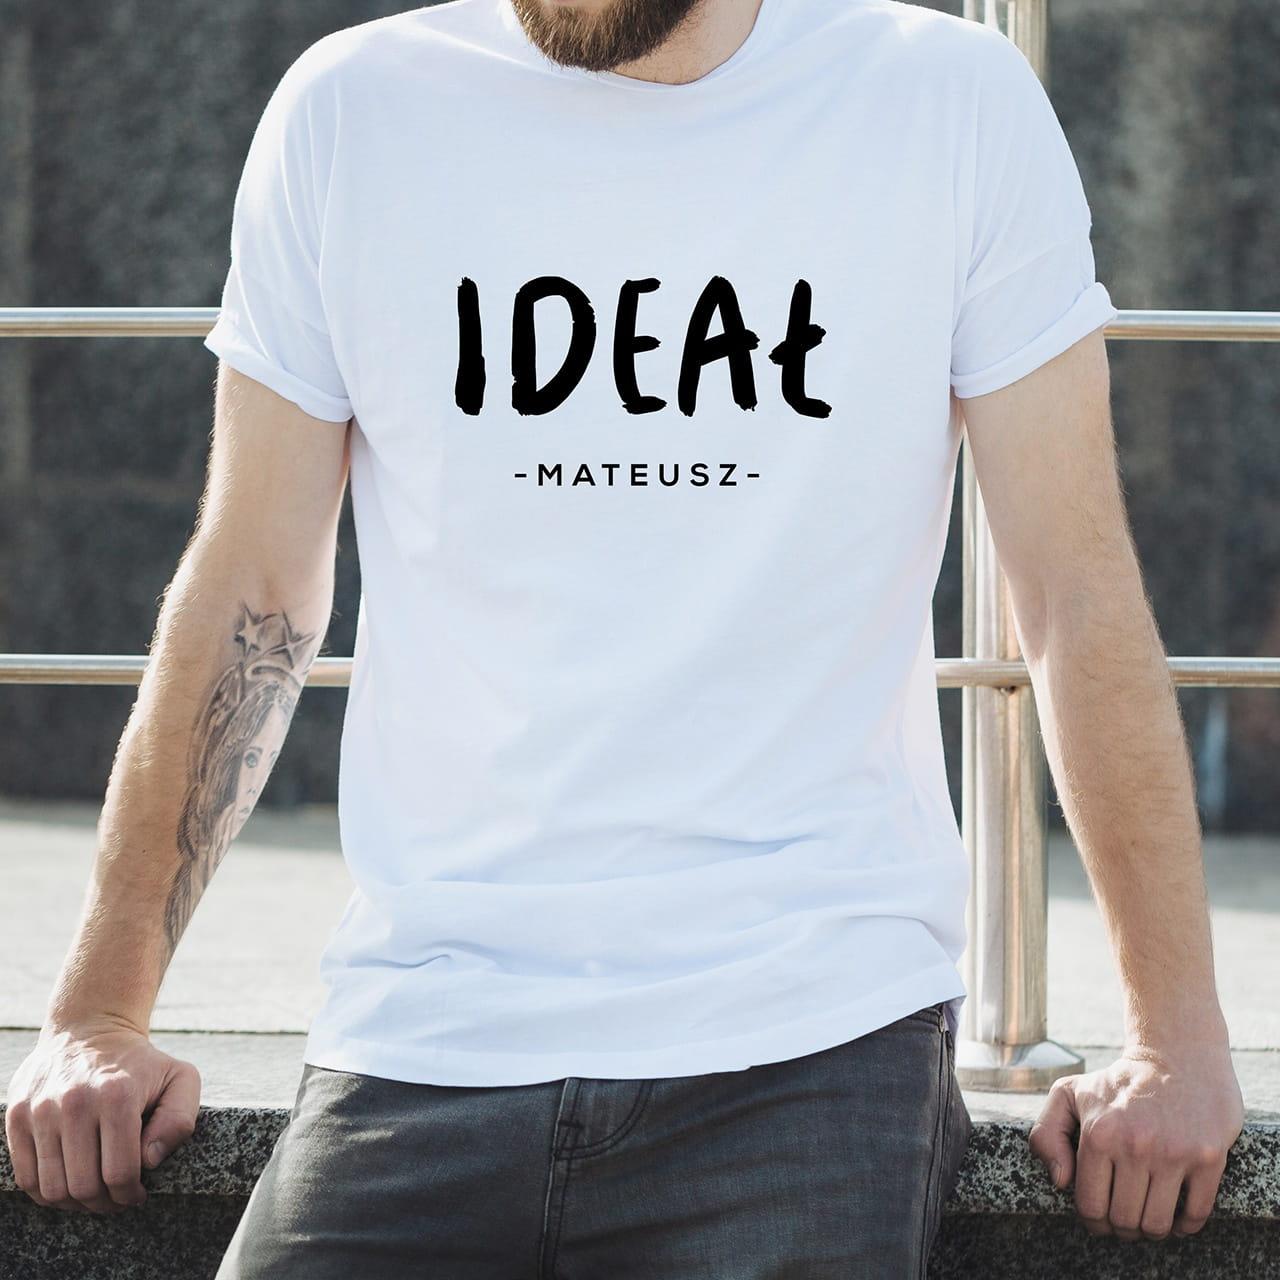 Koszulka na prezent dla szachisty